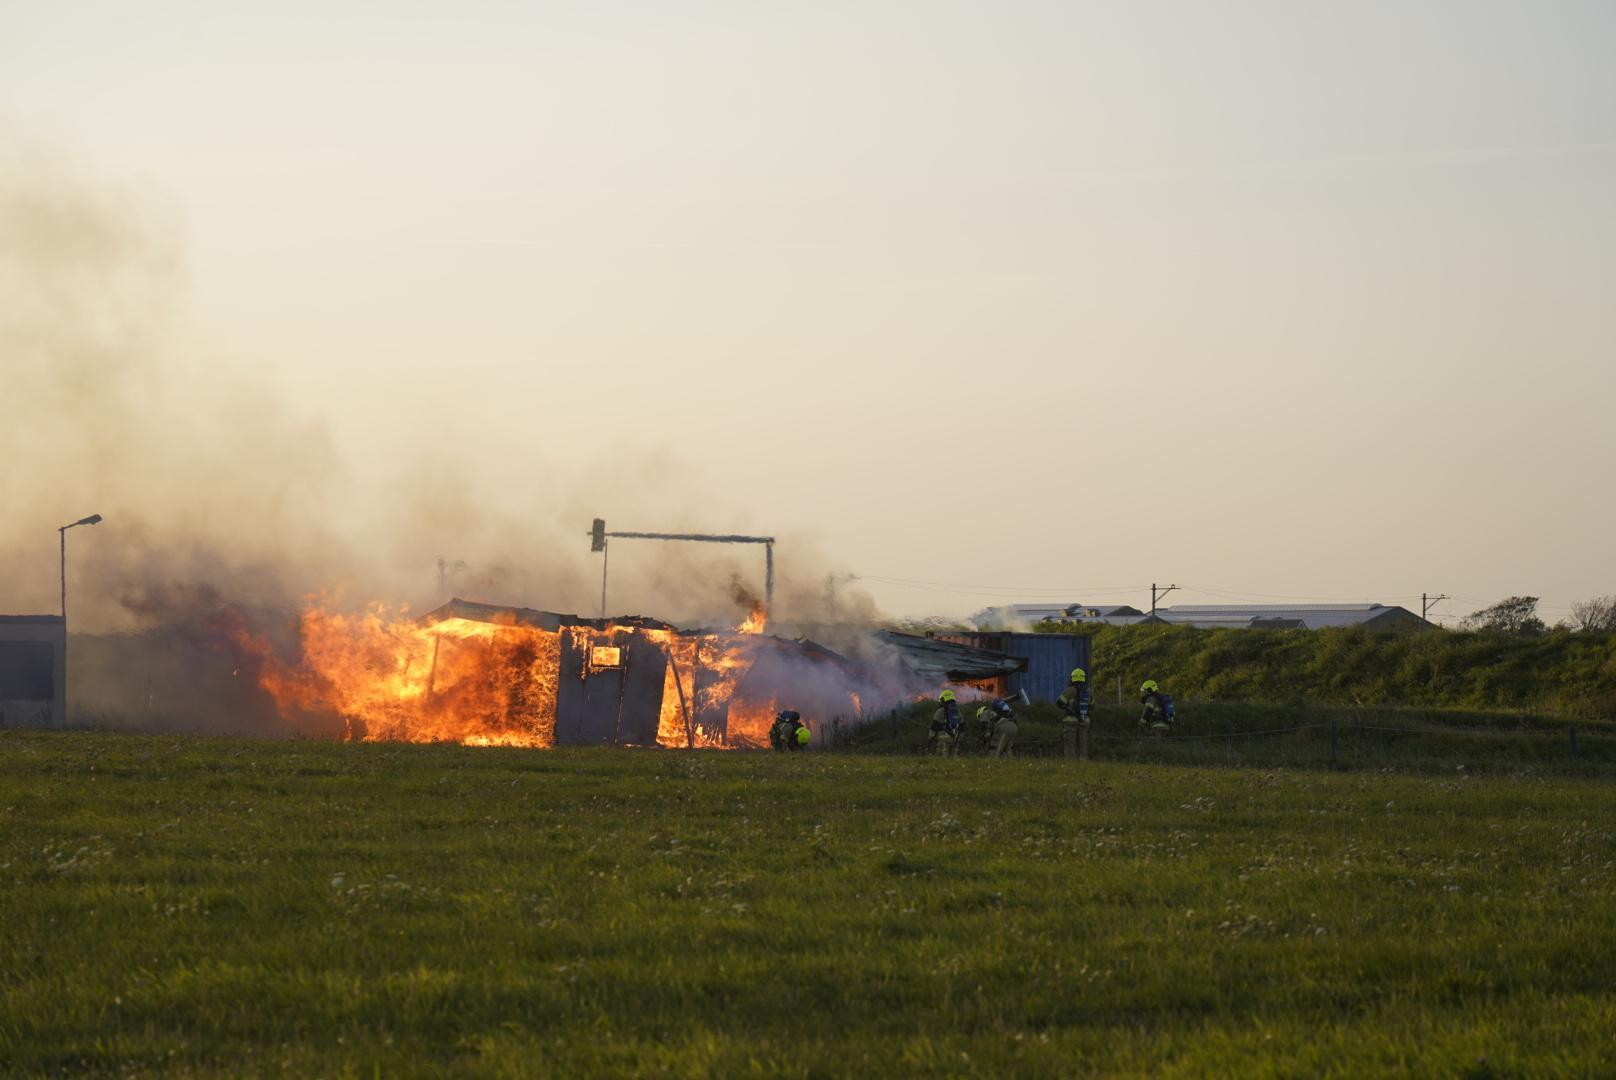 'Zonder clubhuis is de ziel even weg uit de vereniging'. Motorcrossers getroffen door verwoestende brand van kantine in Den Helder